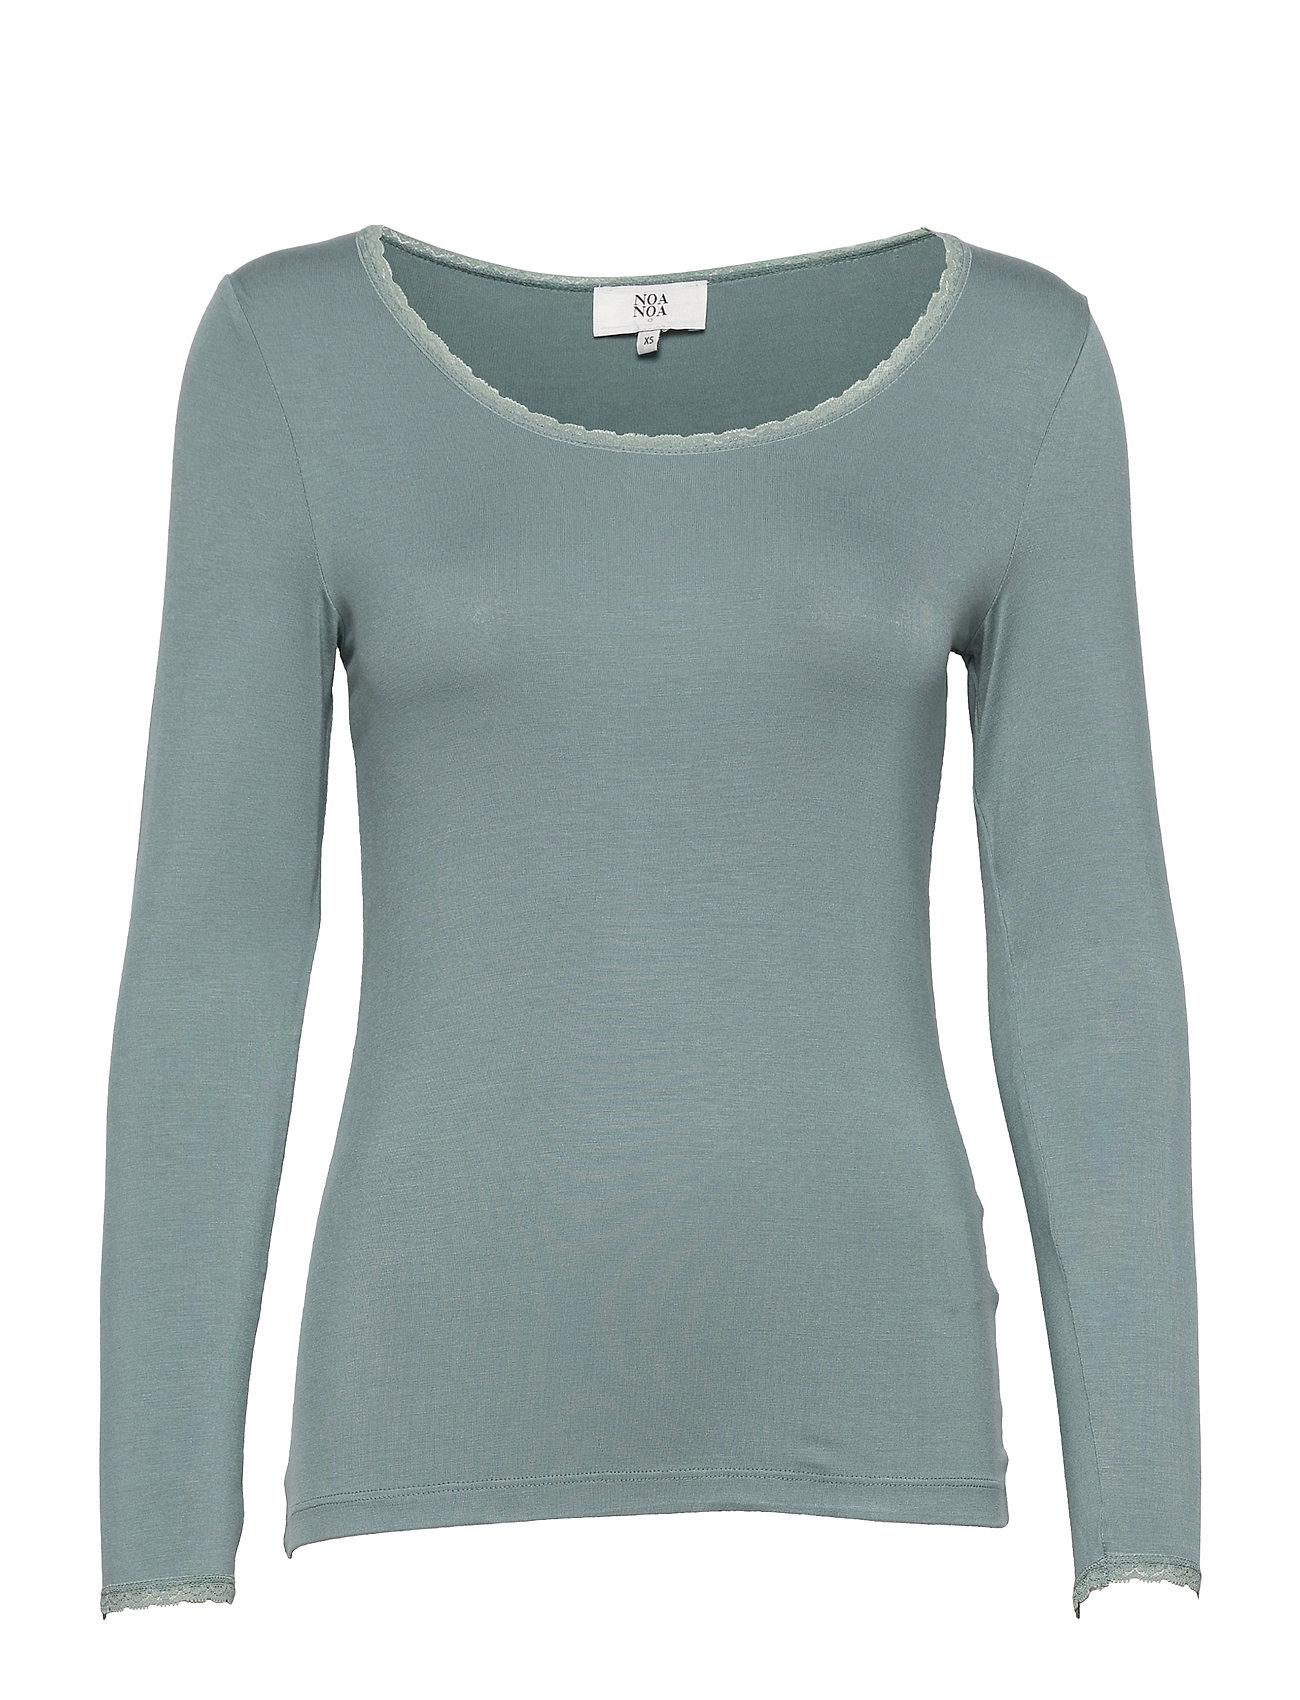 T-Shirt Langærmet T-shirt Blå Noa Noa